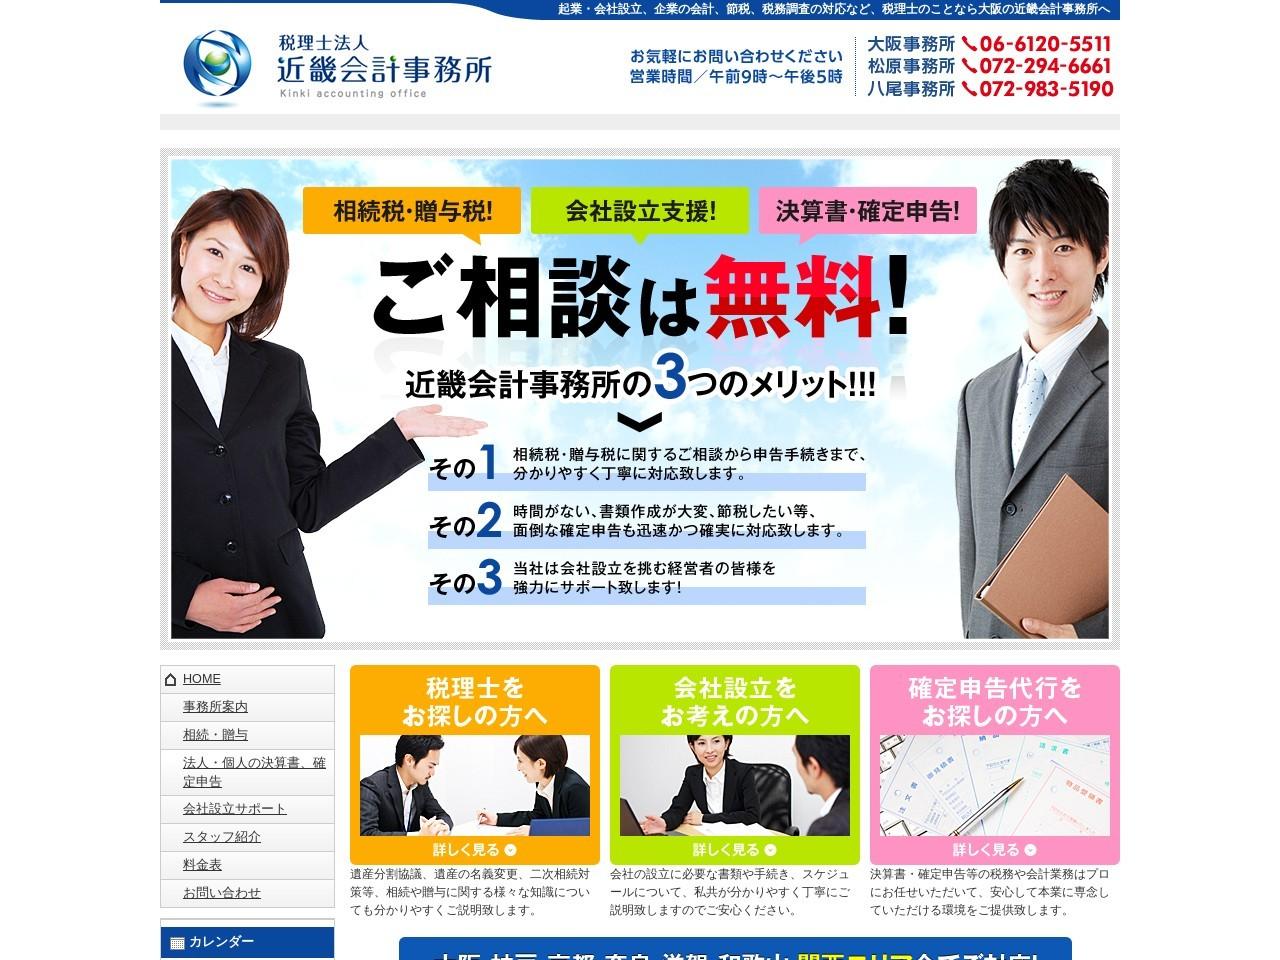 近畿会計事務所(税理士法人)松原事務所